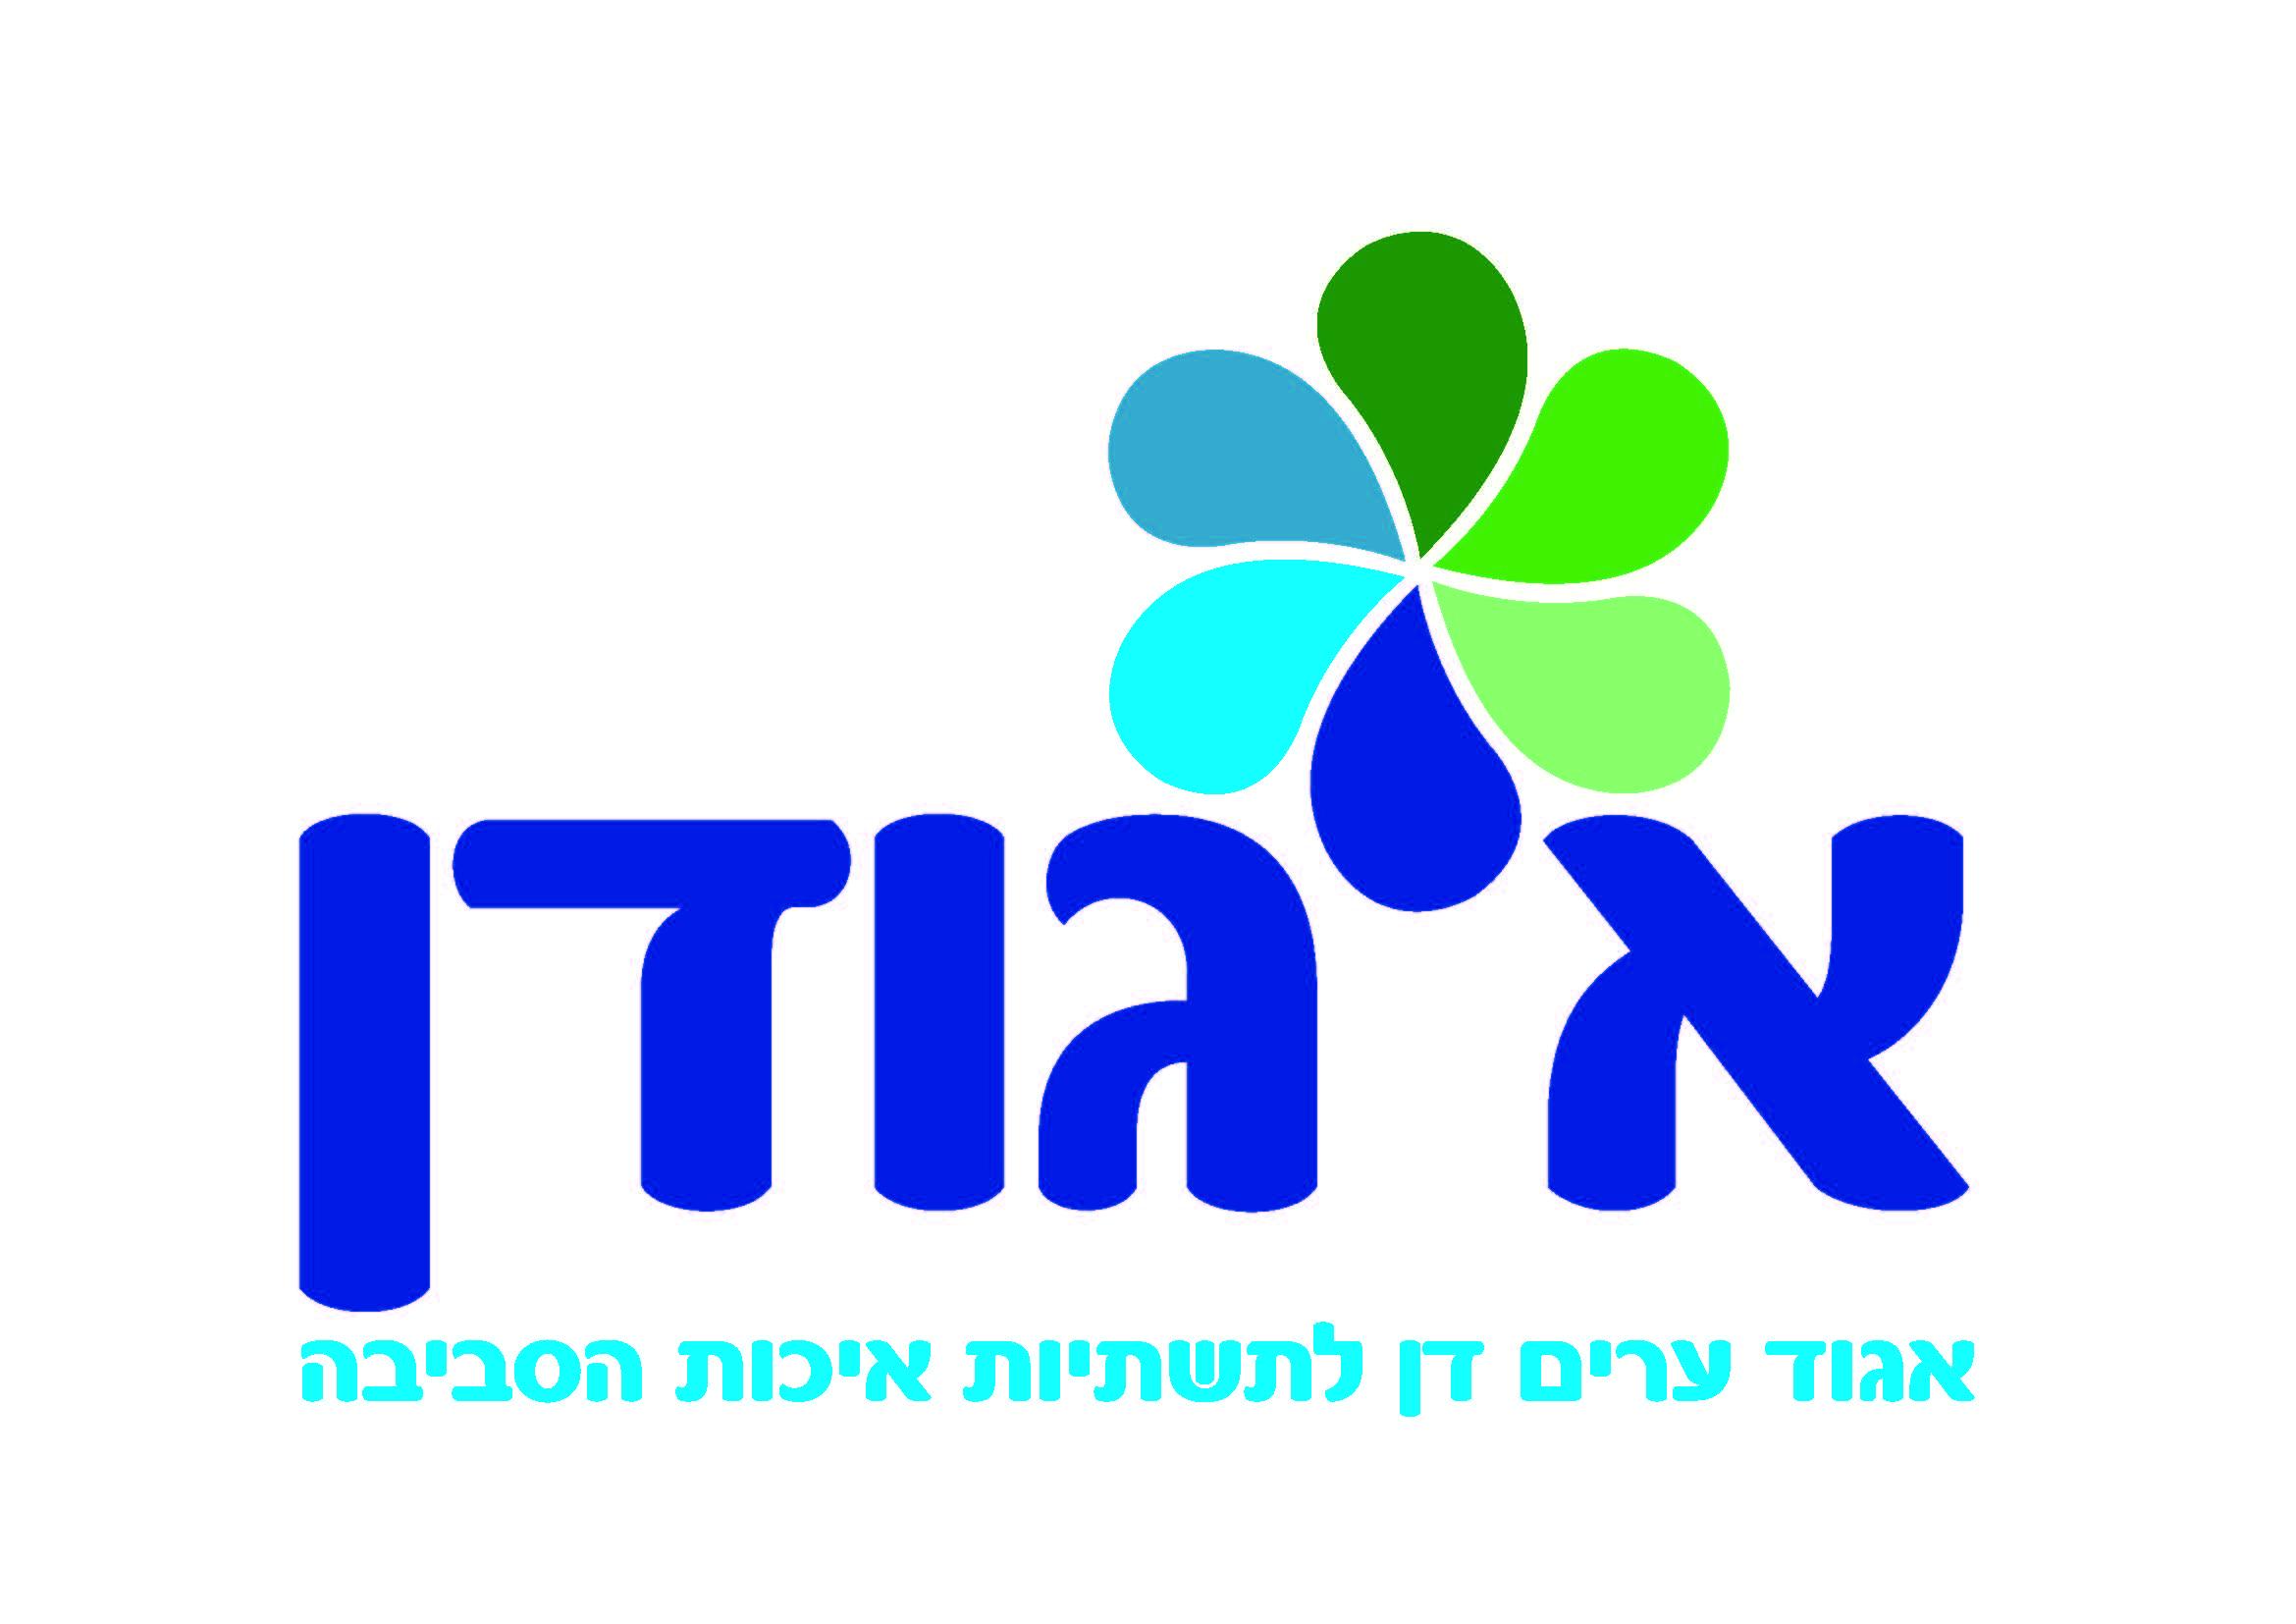 logo_igudan